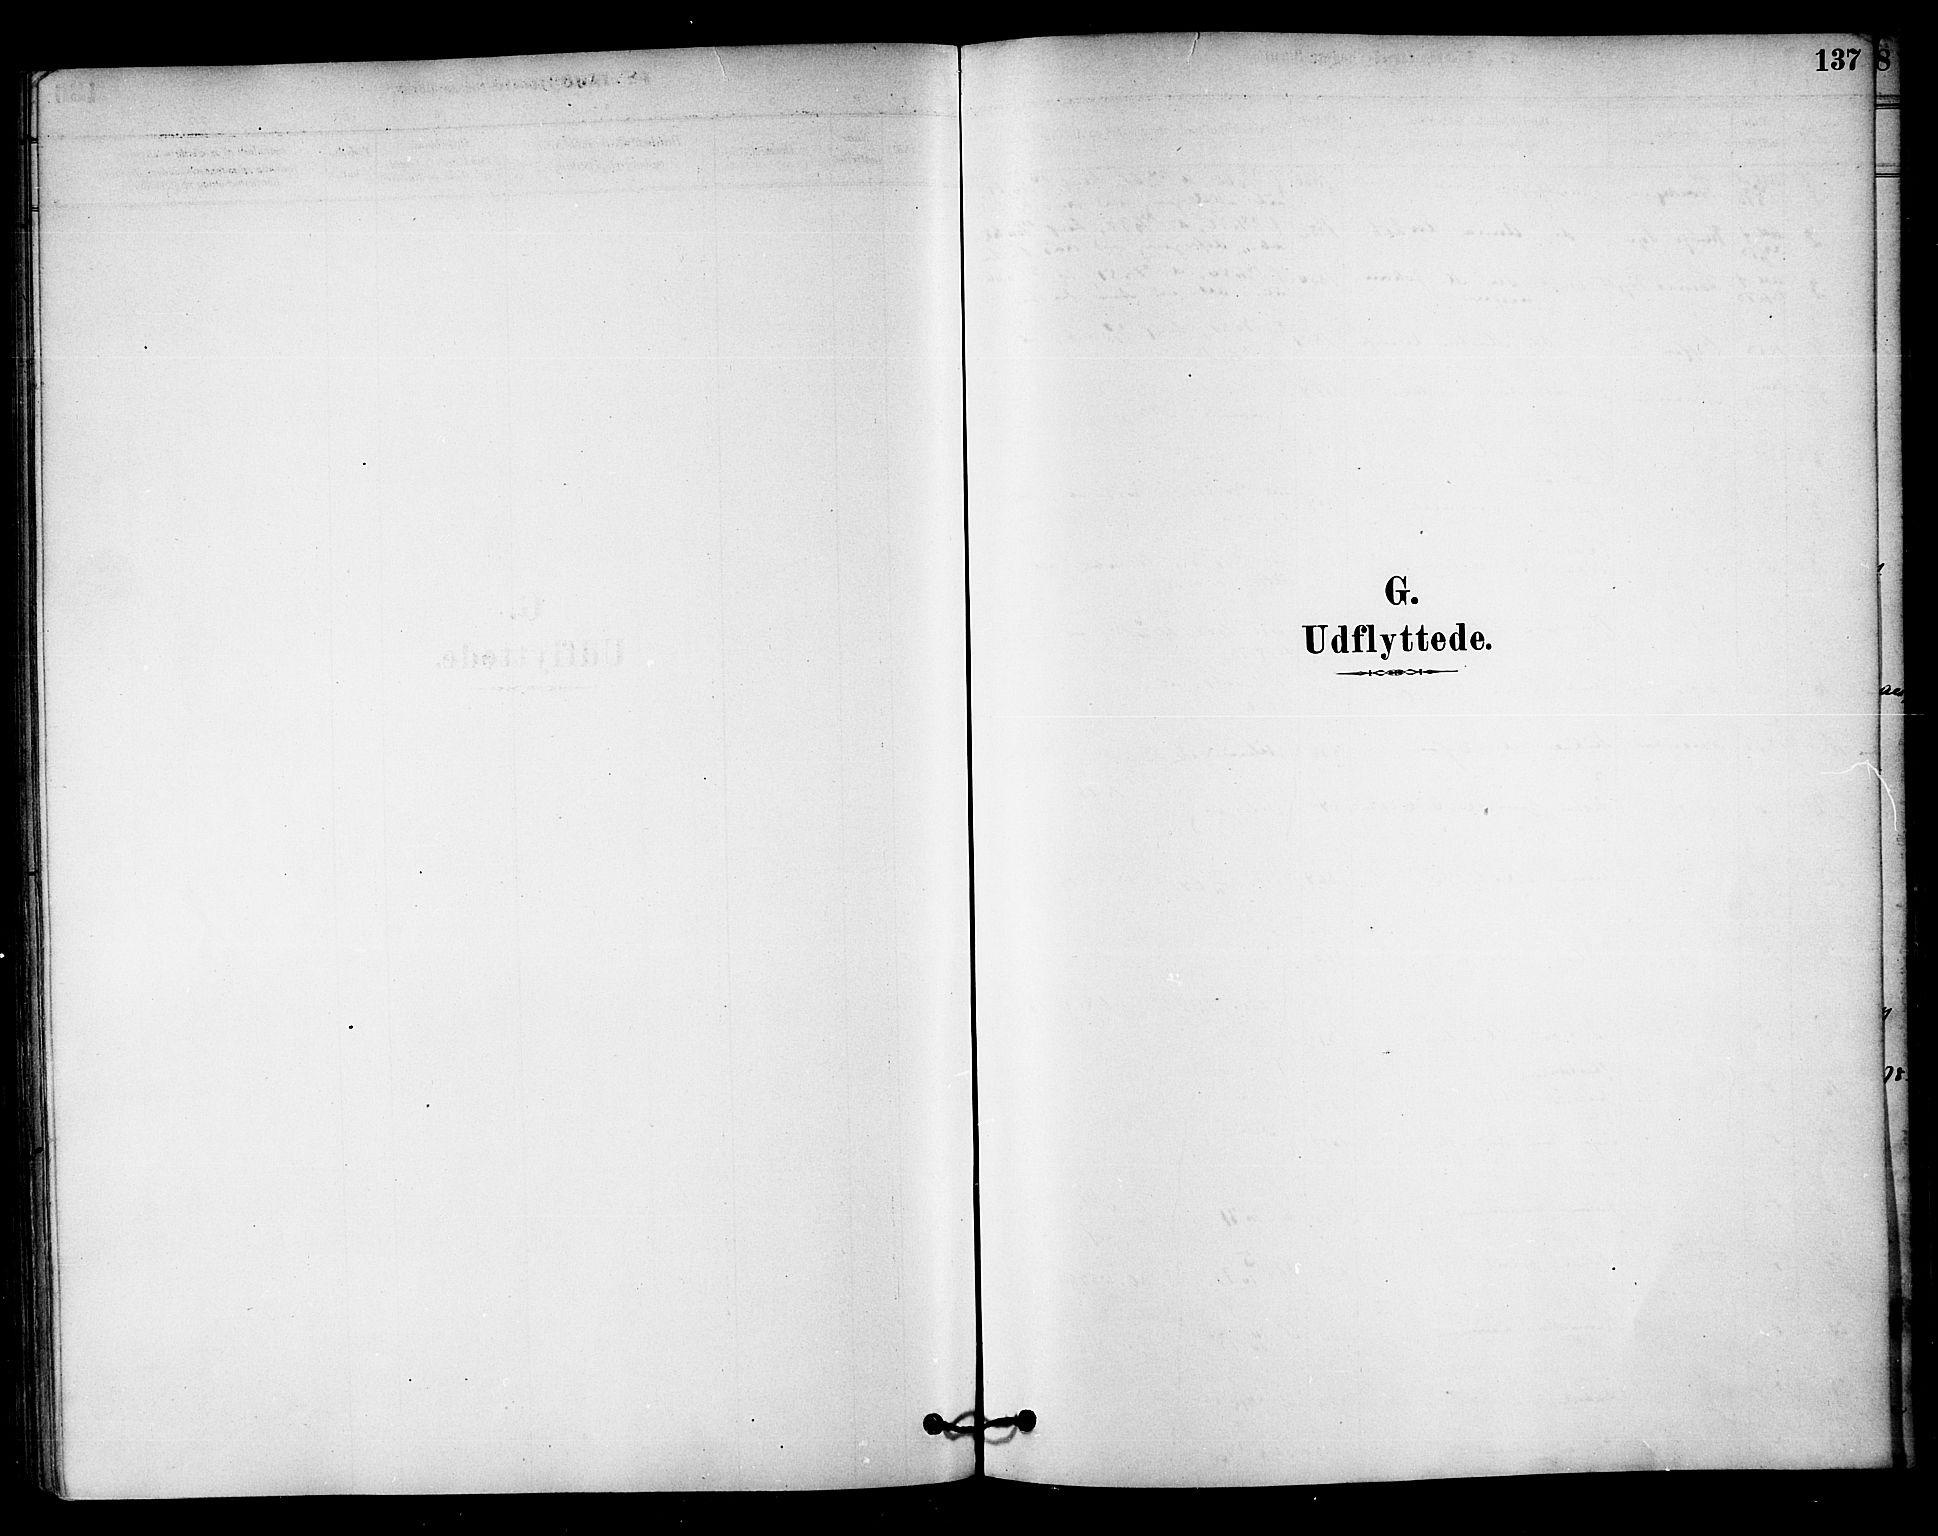 SAT, Ministerialprotokoller, klokkerbøker og fødselsregistre - Nord-Trøndelag, 742/L0408: Ministerialbok nr. 742A01, 1878-1890, s. 137